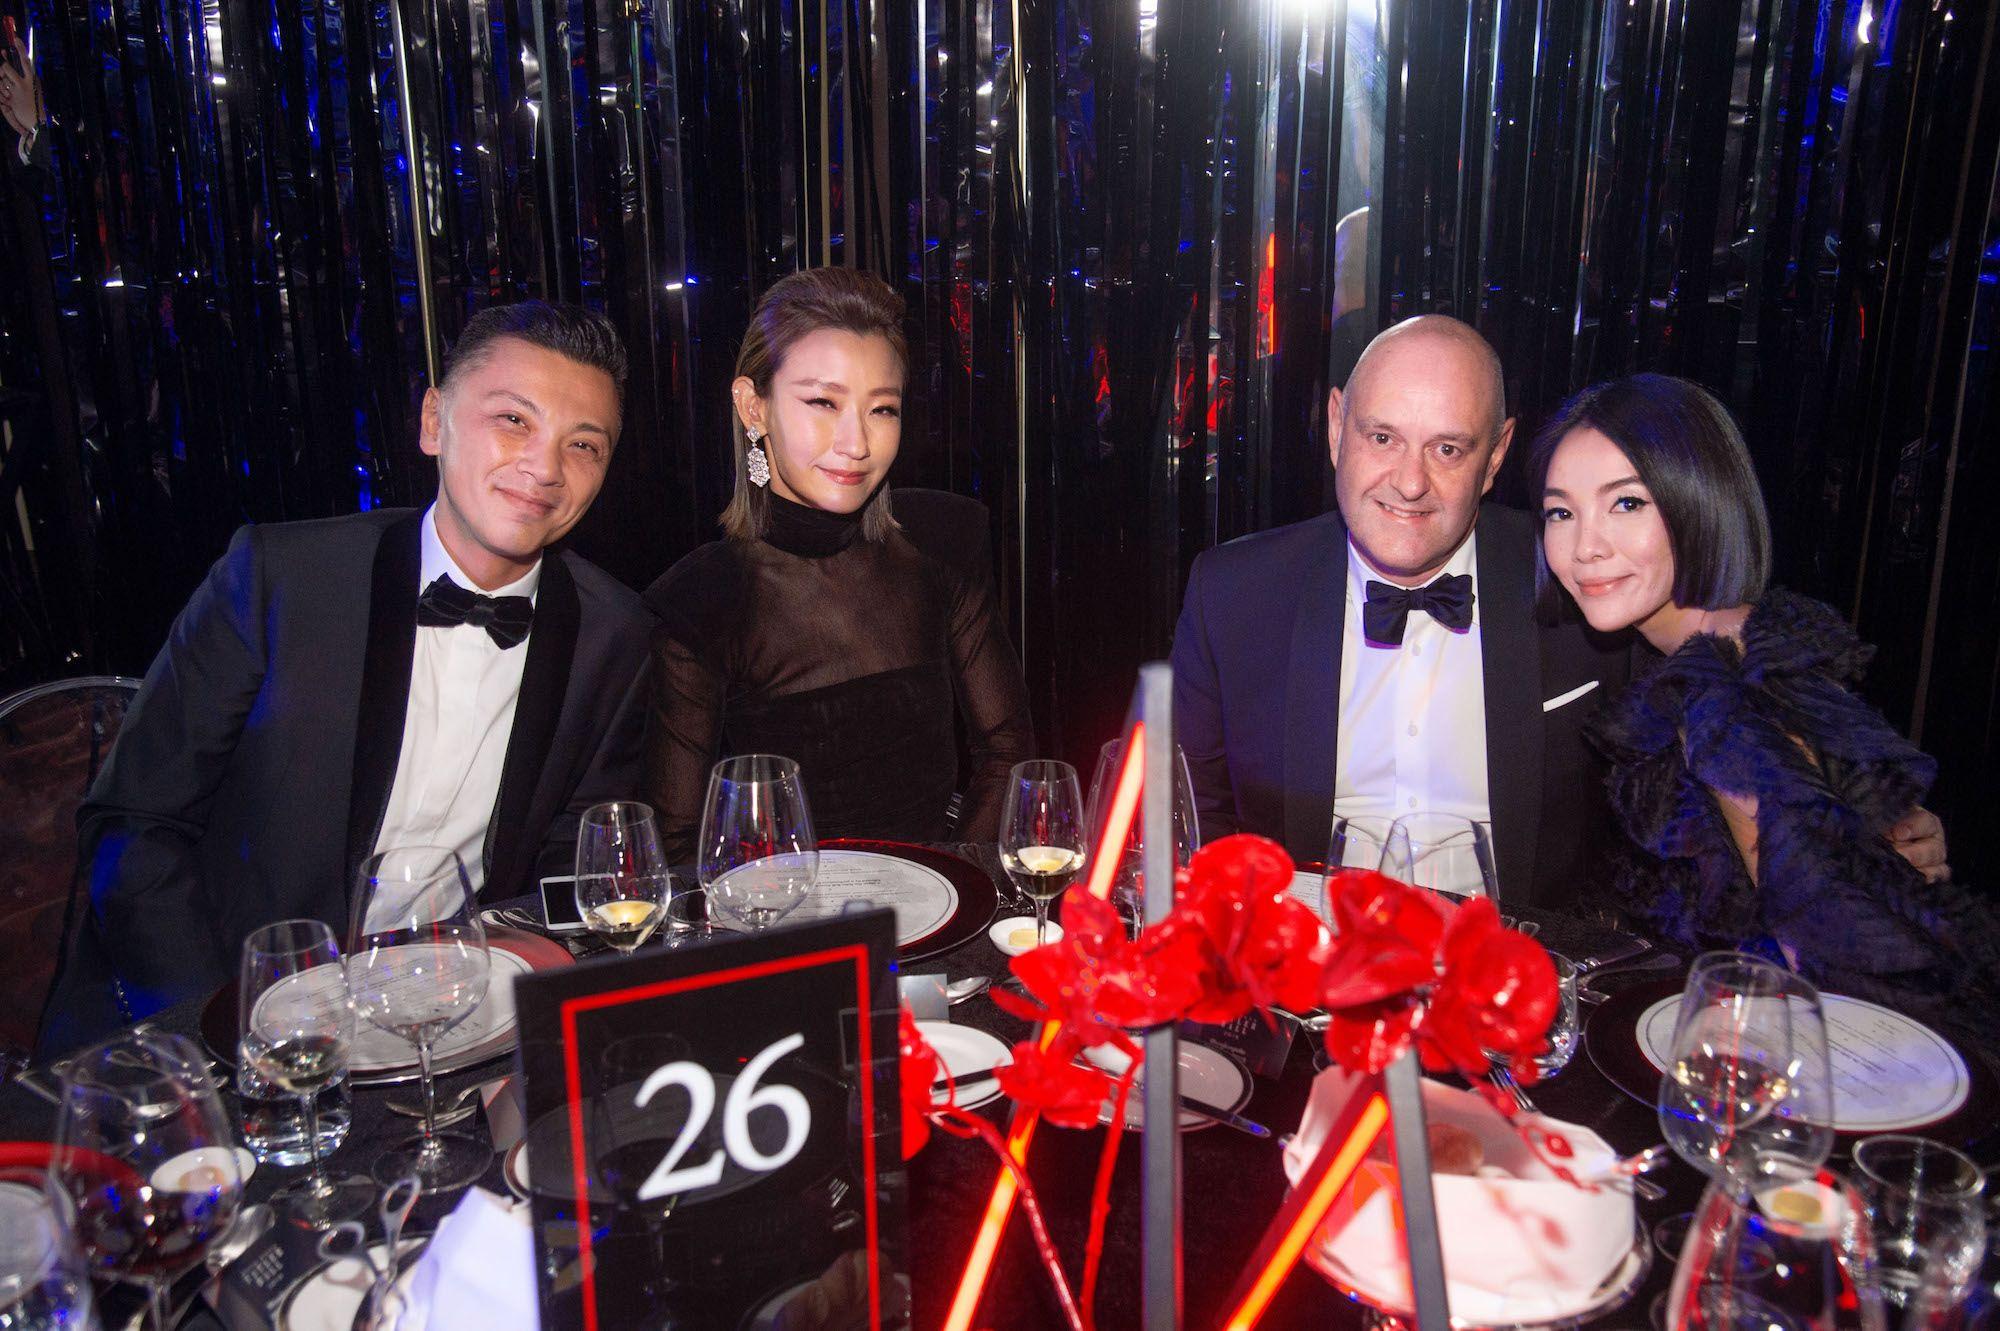 Sunny Tan, Esther Sham, Paul Husband, Sena Wakabayashi